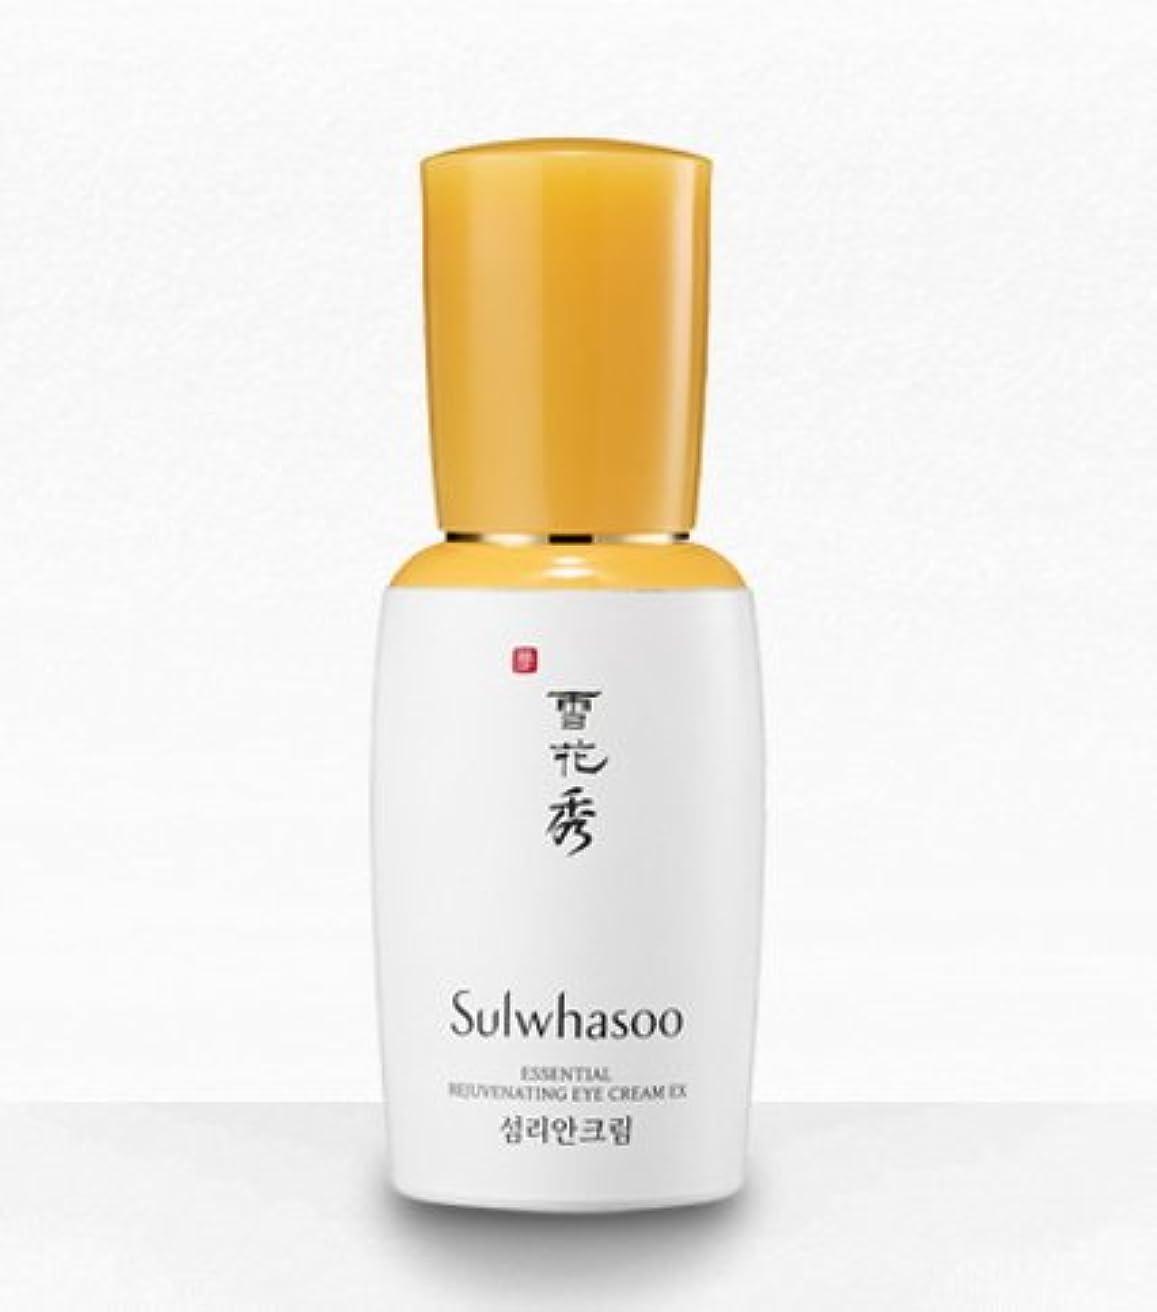 インド印刷するレバーRejuvenating Eye Cream - Sulwhasoo - Eye Care - 25ml/0.8oz[並行輸入品]